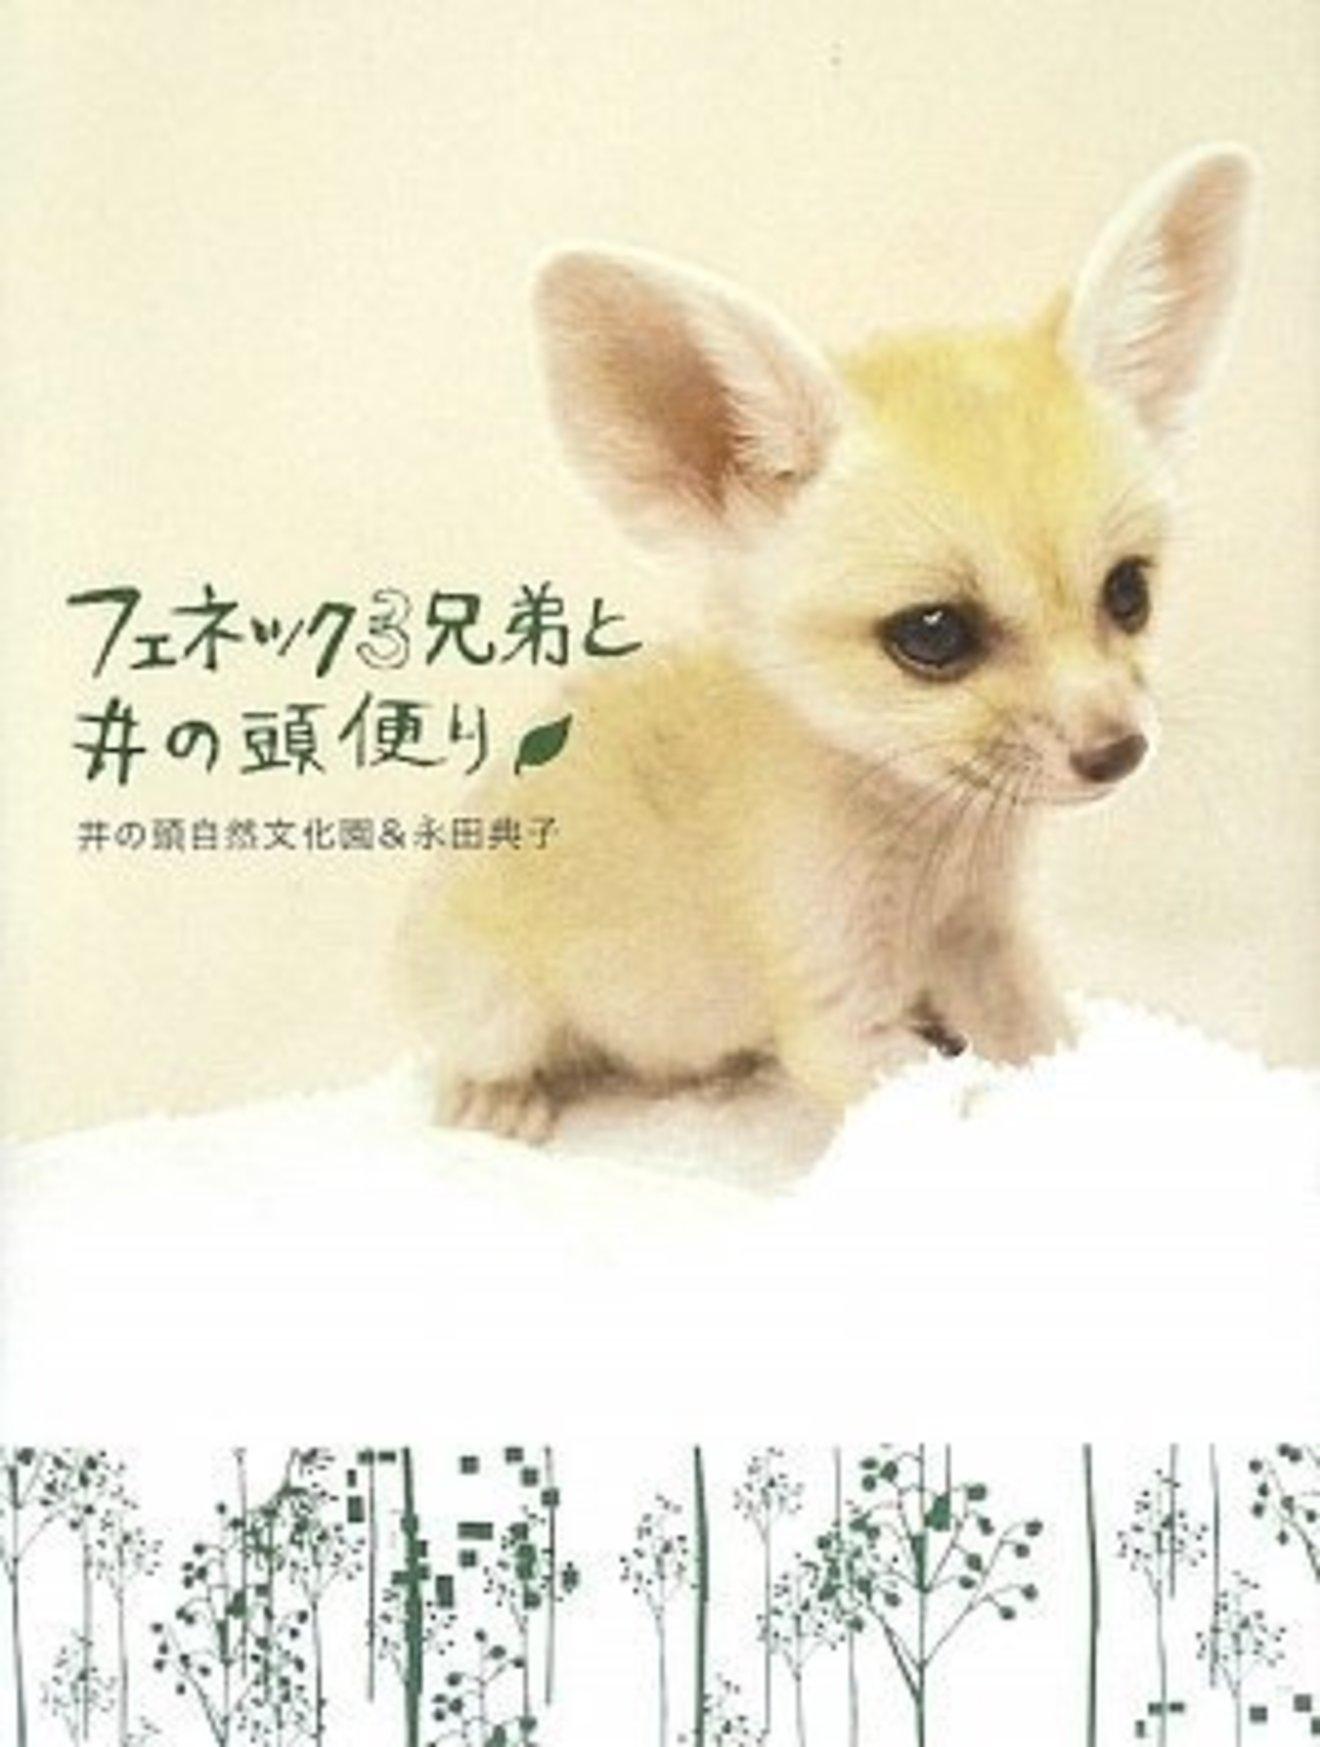 5分でわかるフェネックの生態。性格や飼育法、臭い対策などを解説!